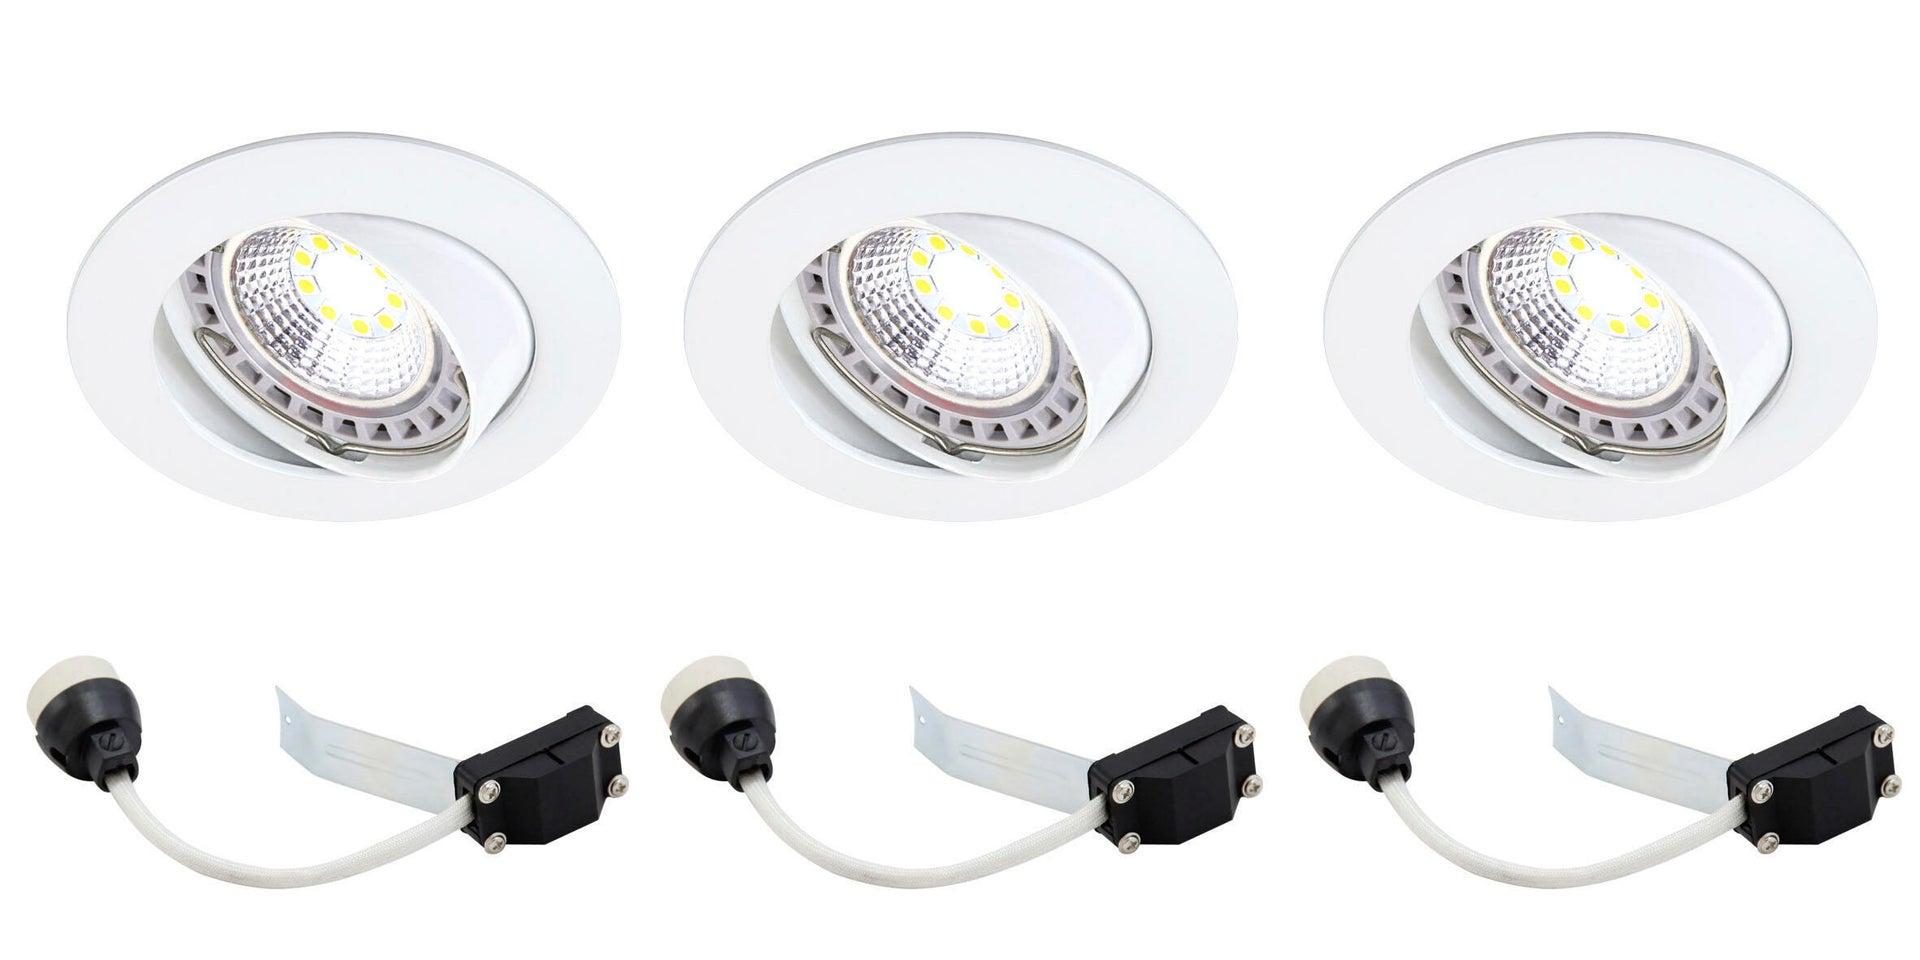 Set da 3 pezzi Faretto orientabile da incasso tondo Clane in Alluminio bianco, diam. 8.2 cm GU10 6W IP23 INSPIRE - 6